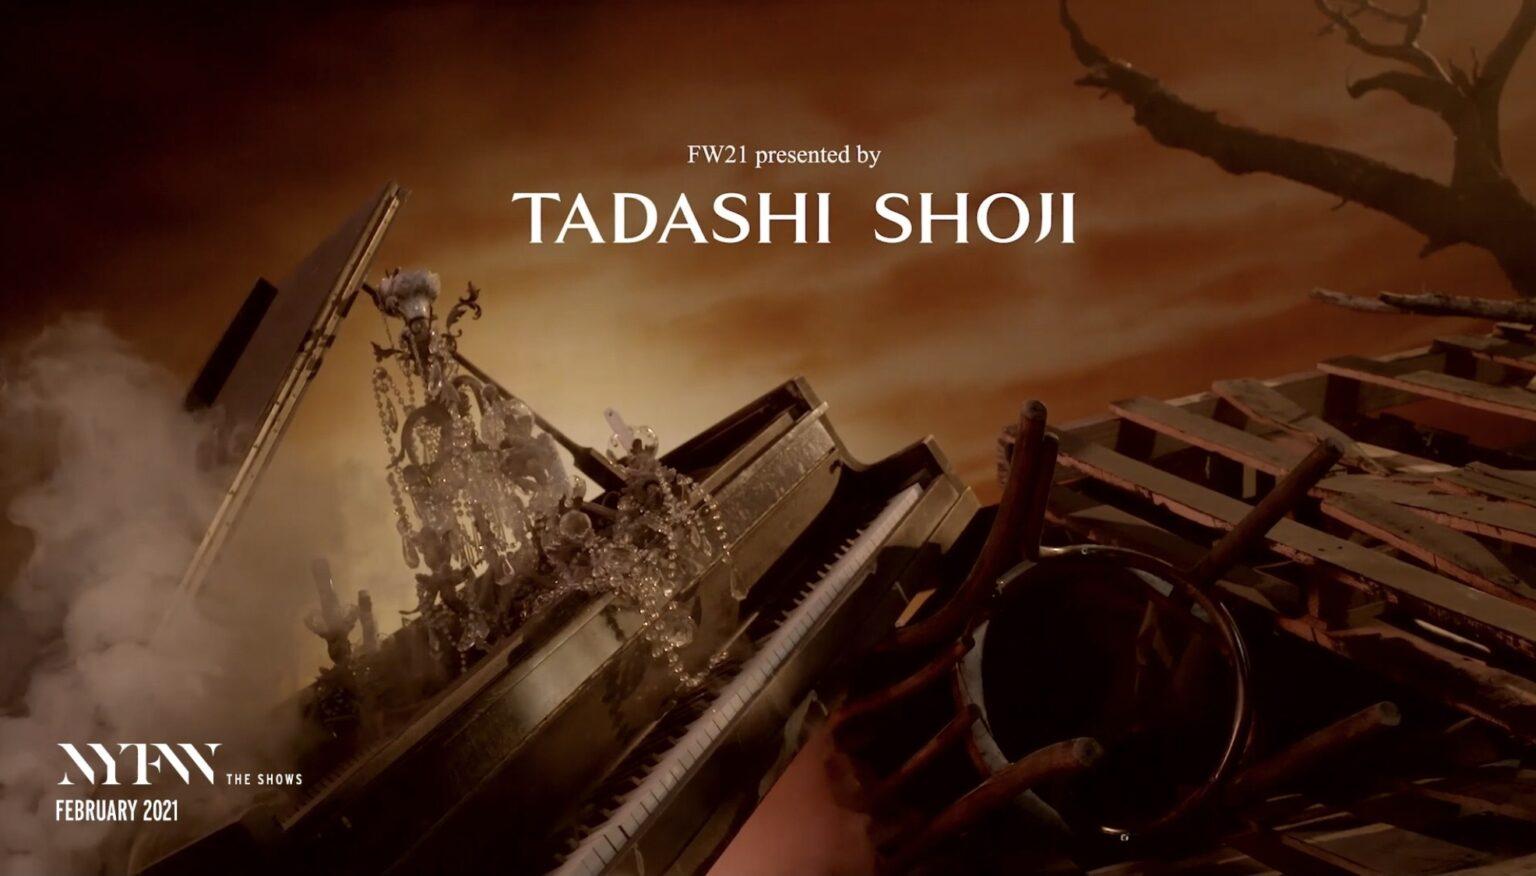 TADASHI SHOJI- NYFW A/W 2021